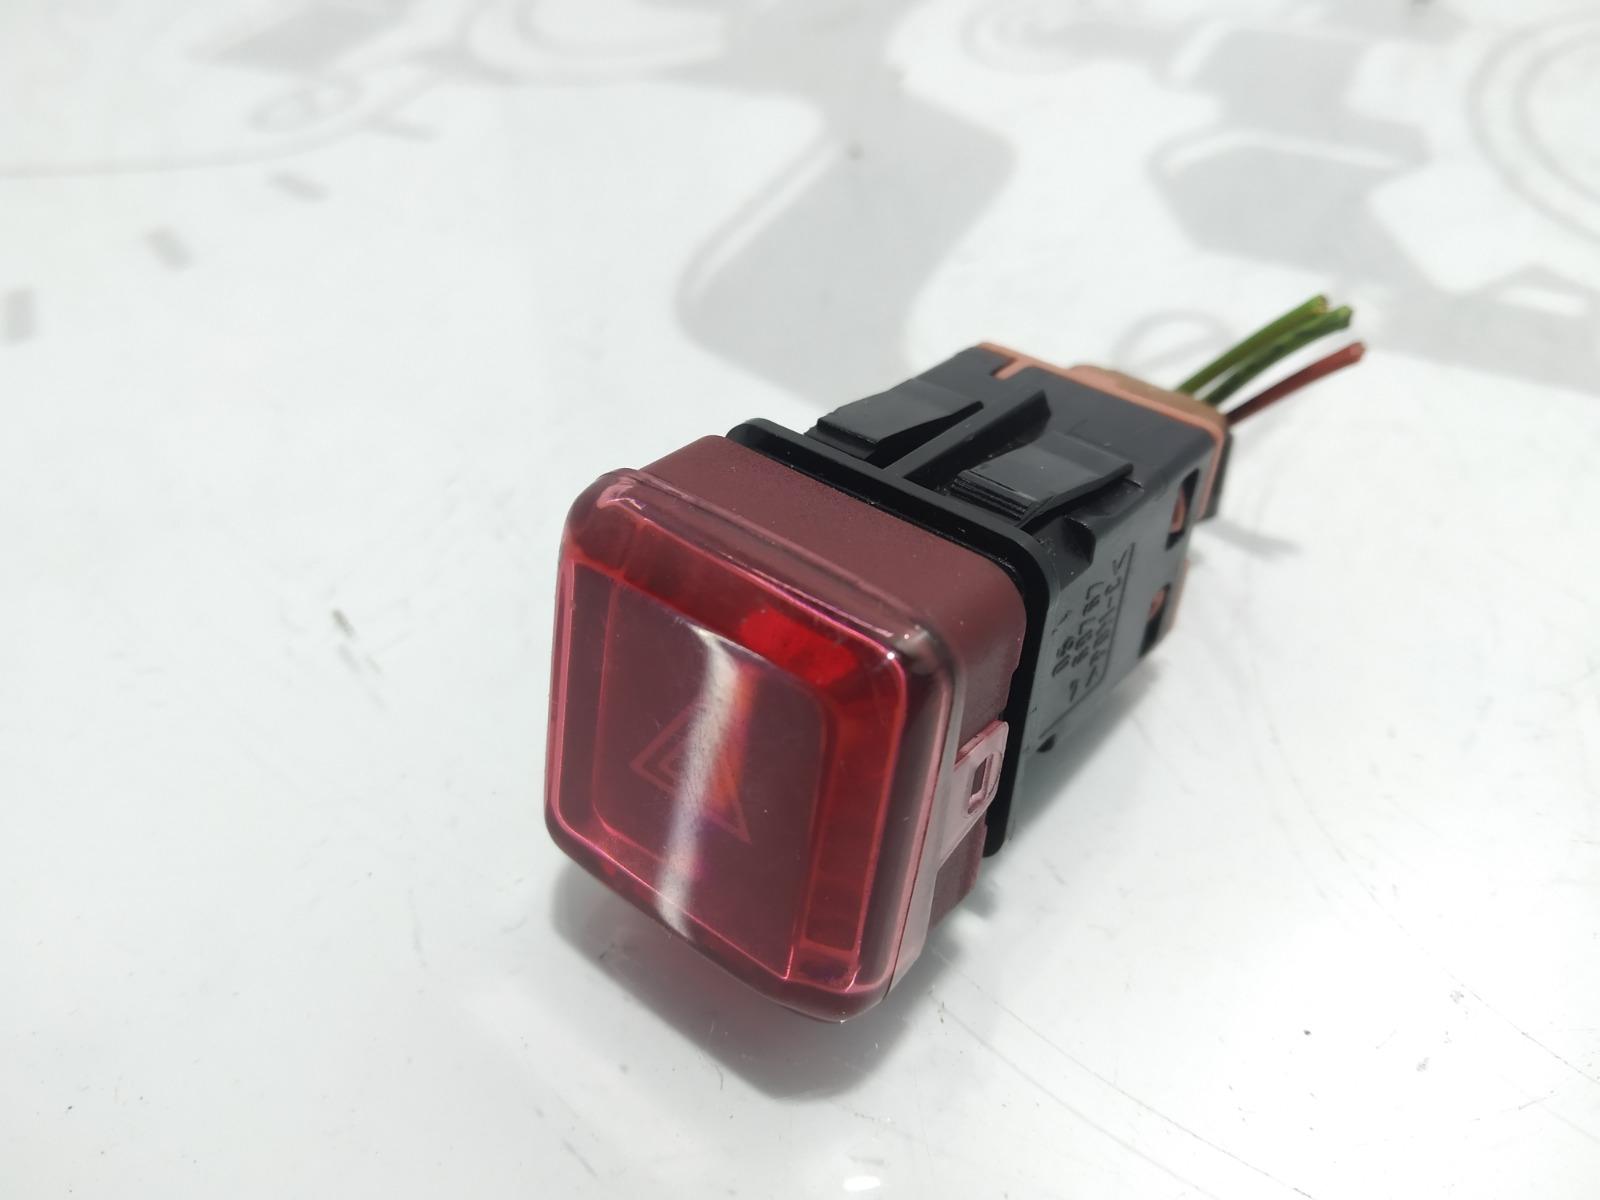 Кнопка аварийной сигнализации Citroen C3 Picasso 1.6 HDI 2010 (б/у)